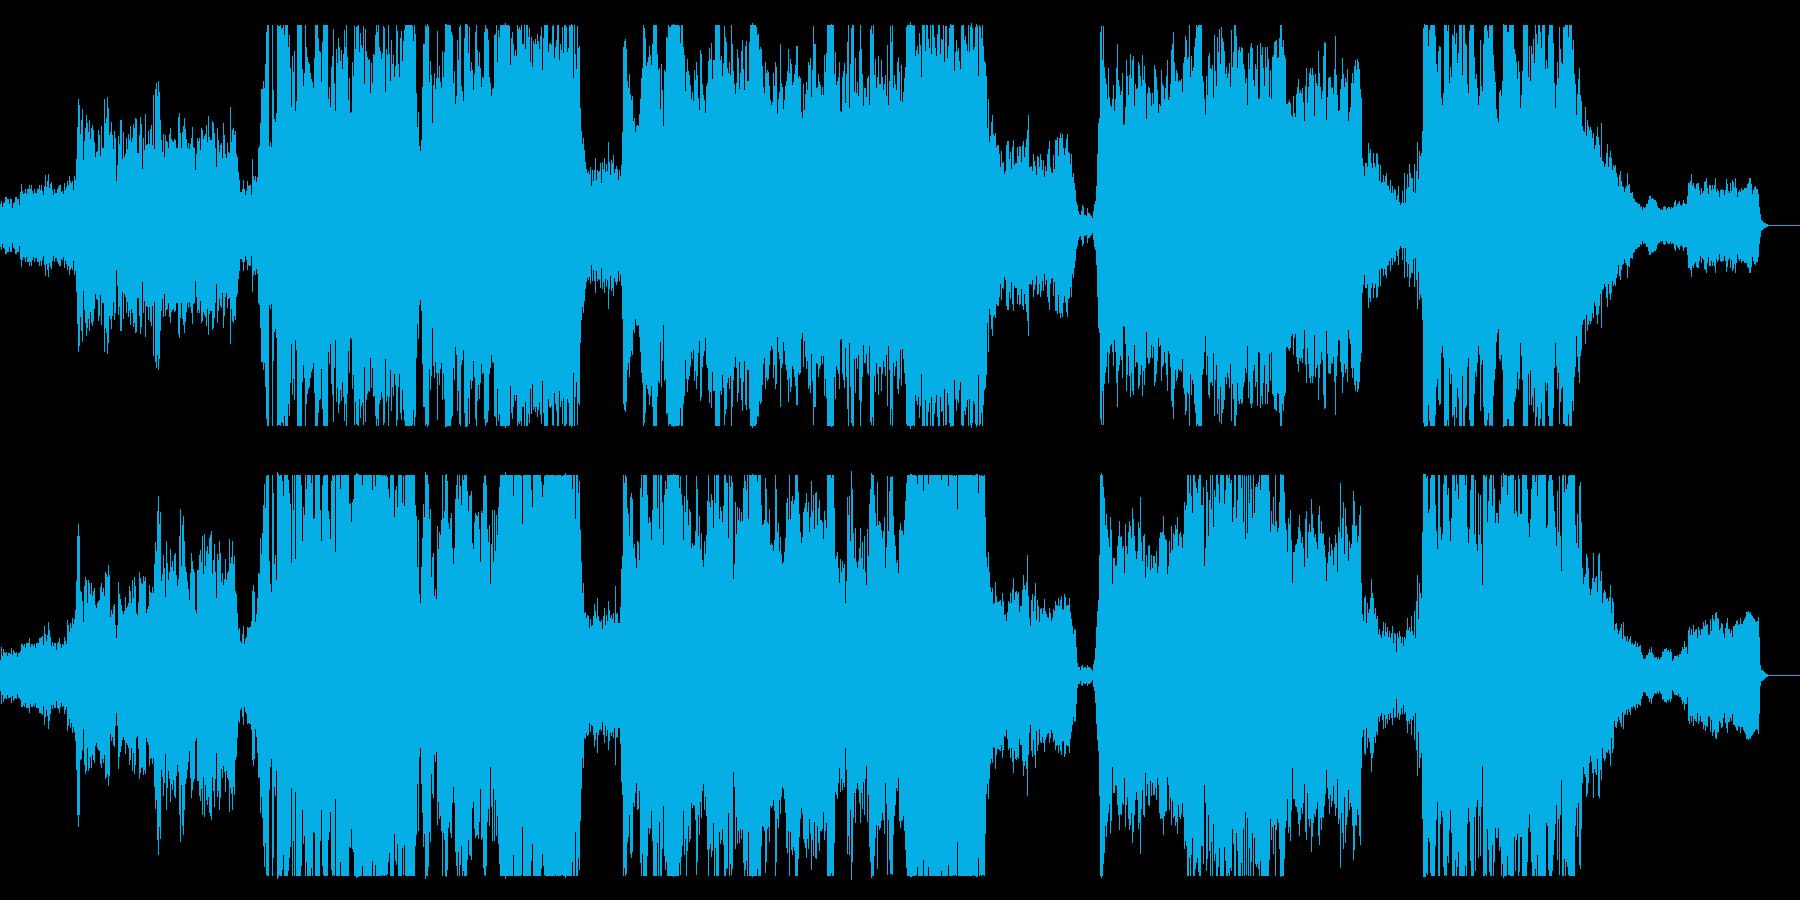 勇壮なフルオーケストラ曲の再生済みの波形